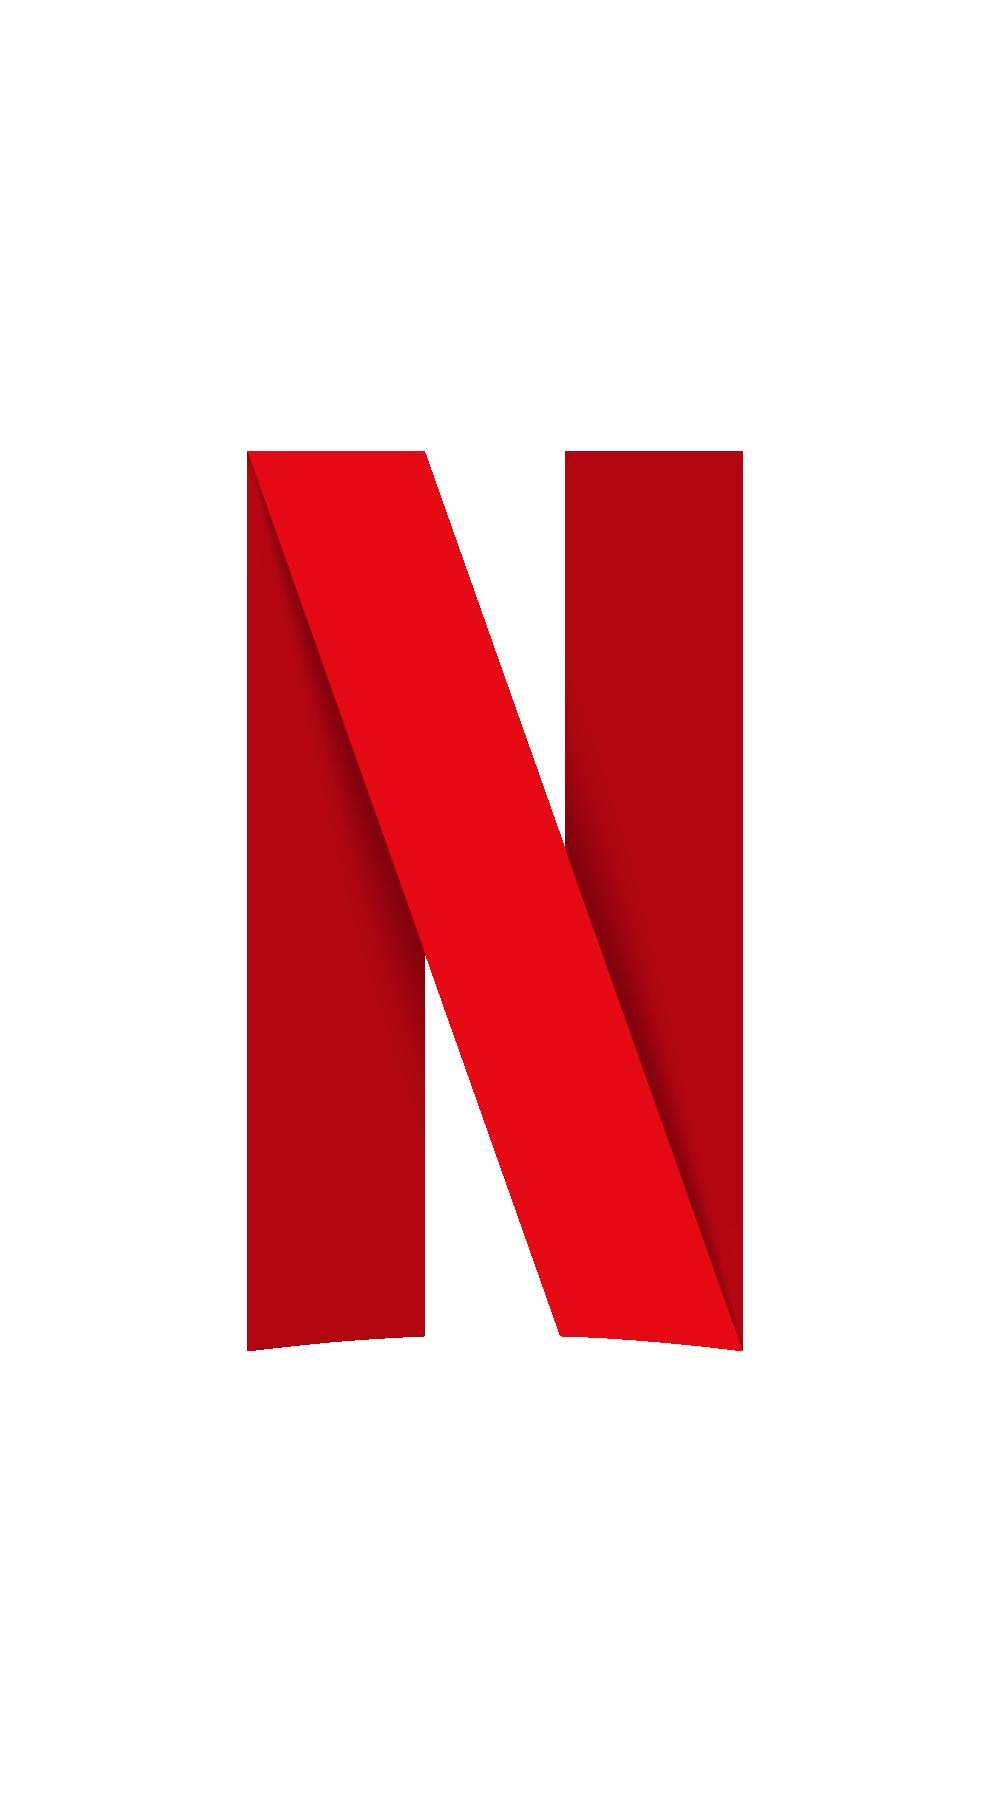 Netflix vyžaduje očkování v nejsledovanější A zóně, kde se pohybují ti nejdražší zaměstnanci - herci (Zdroj: Netflix)